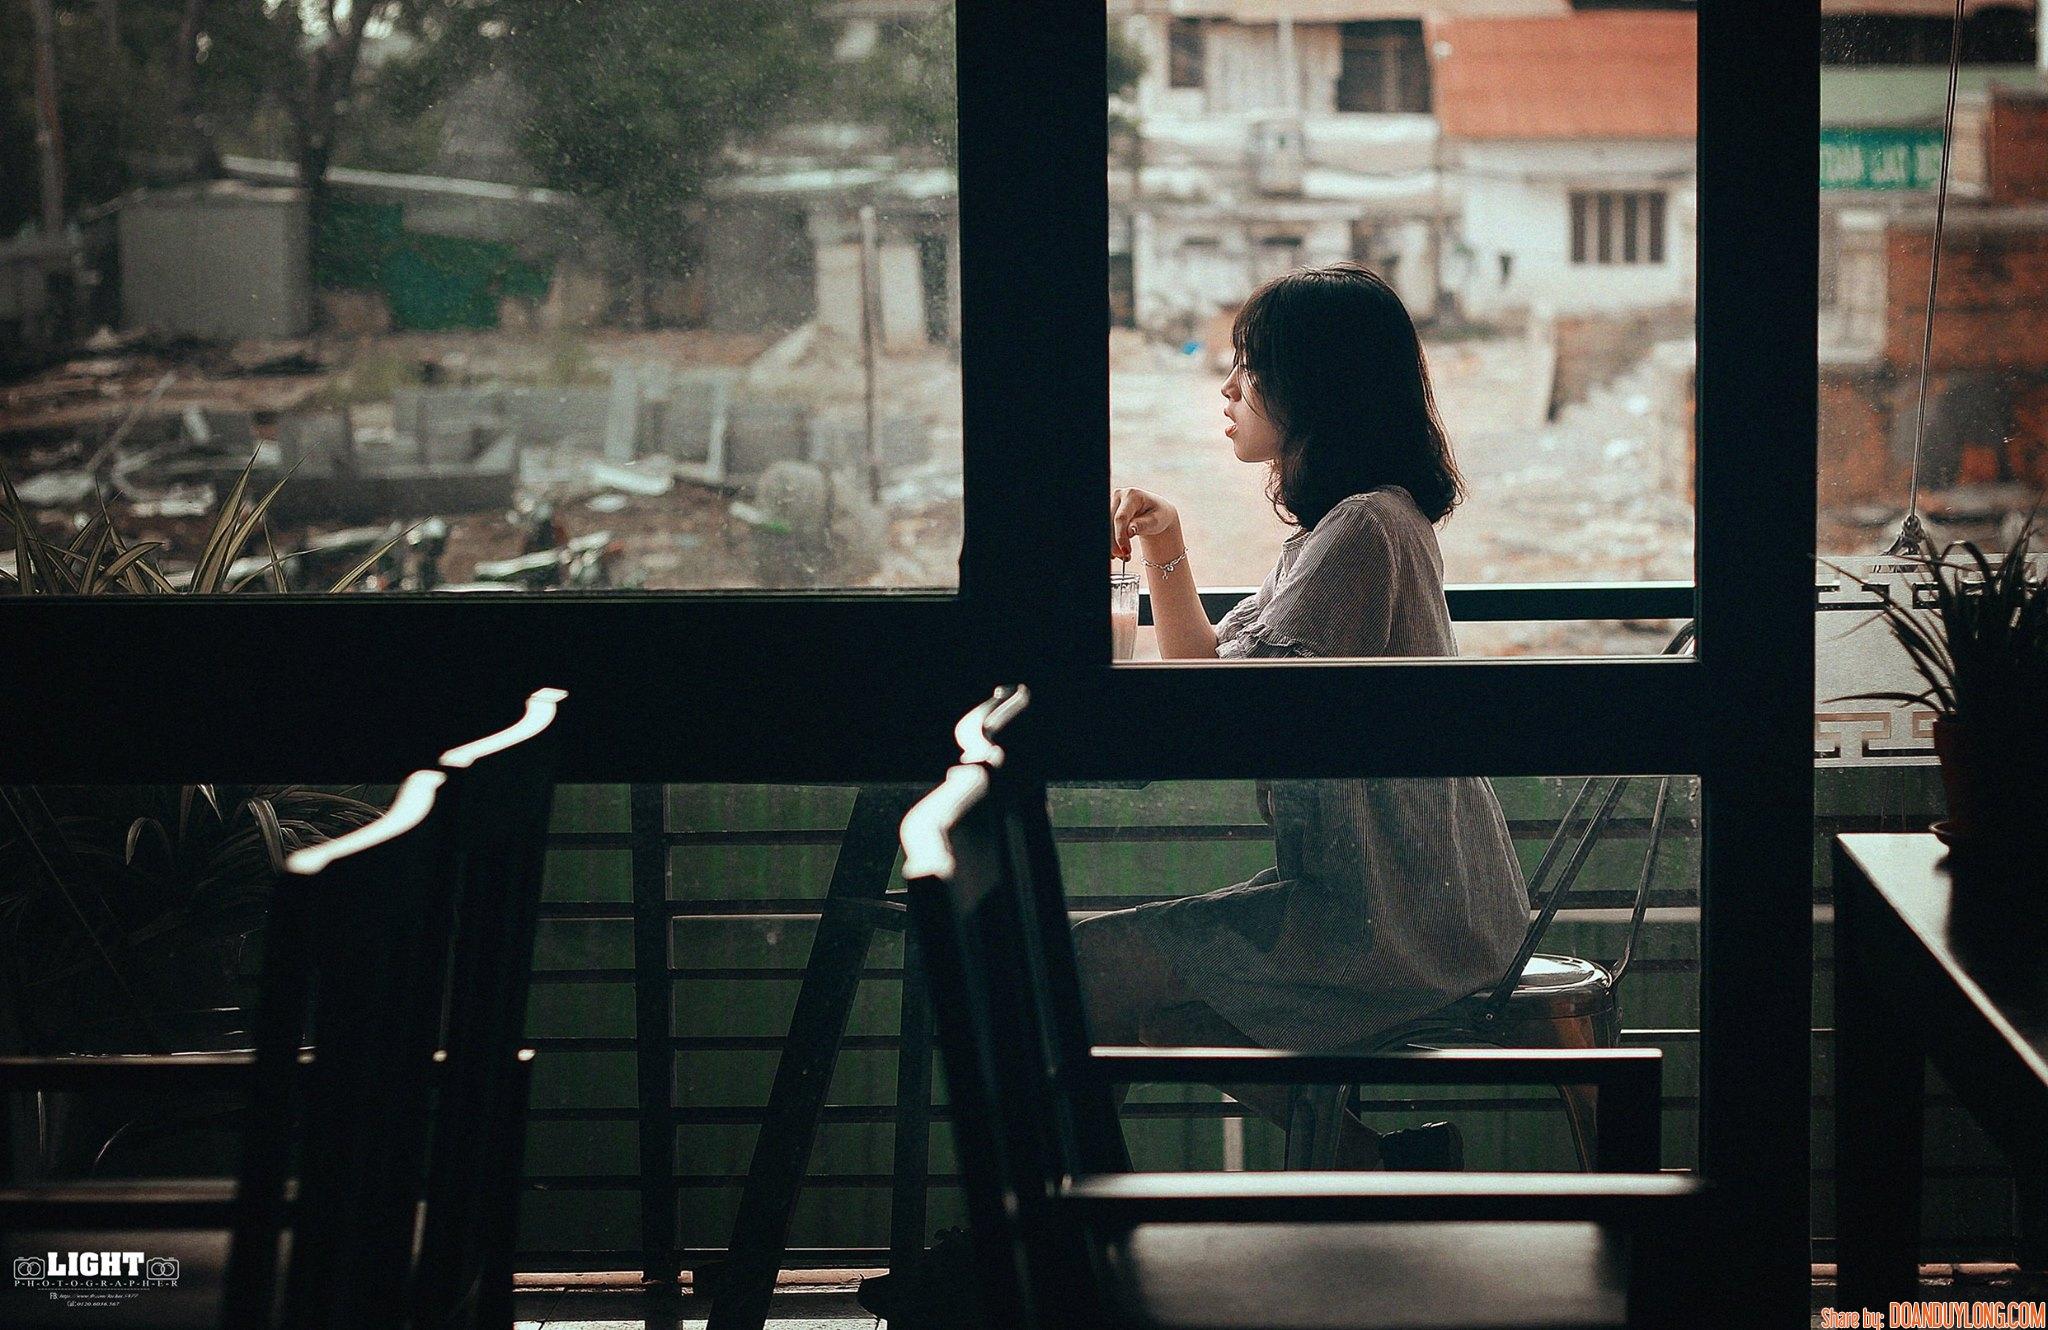 Share PSD màu trầm trong bộ ảnh cô gái bàn bên